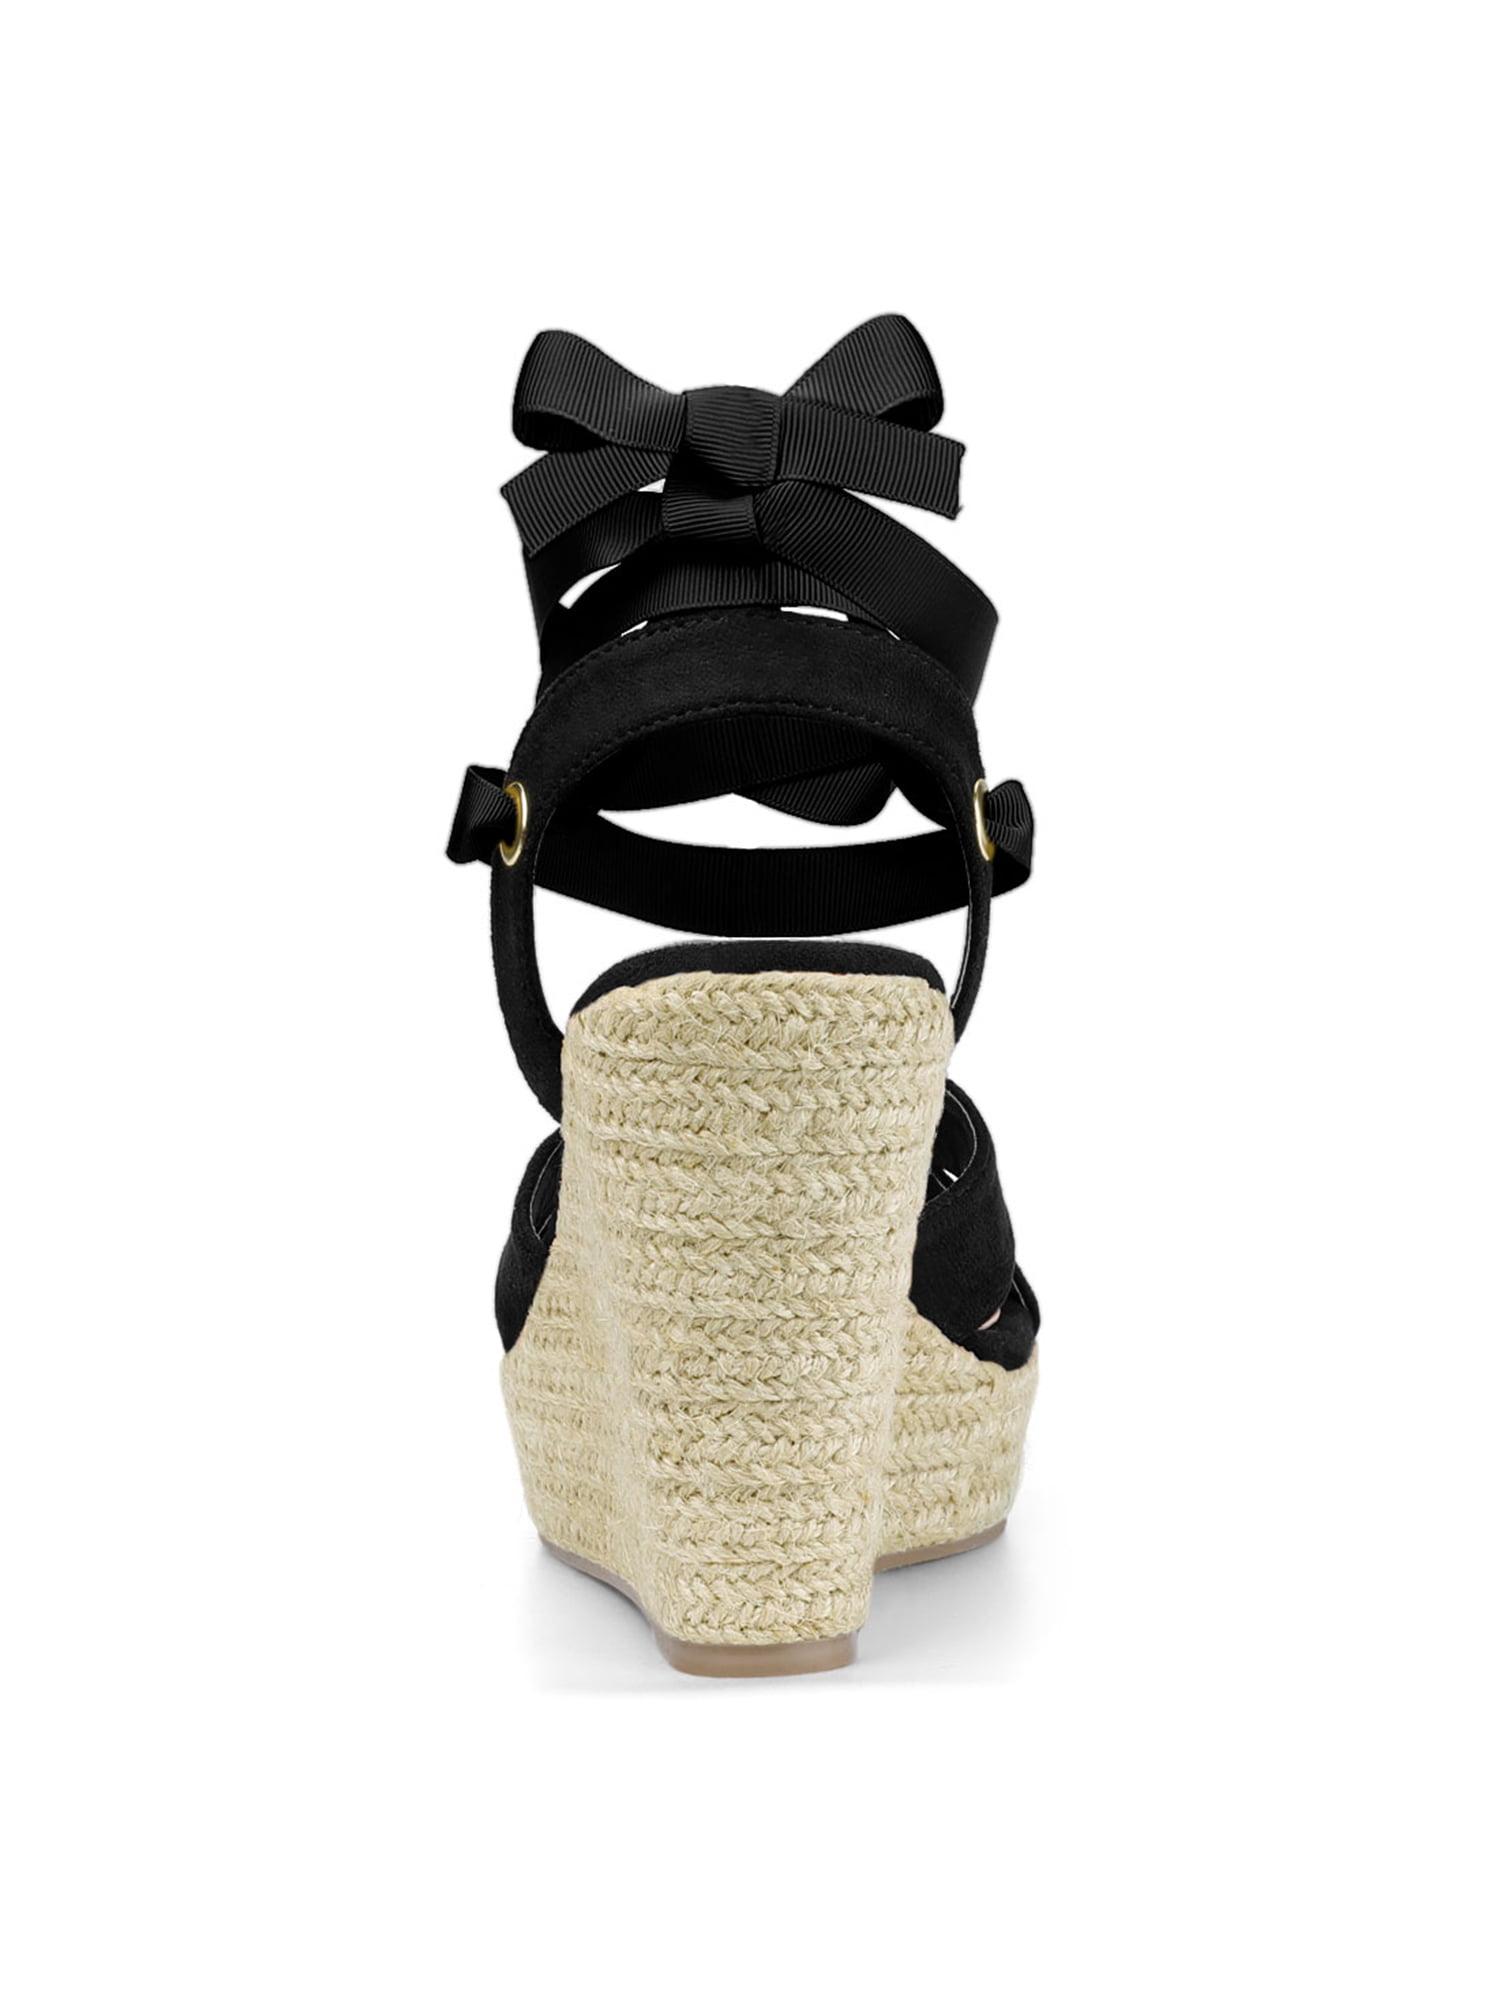 83c35a169516 Unique Bargains - Women s Espadrille Platform Lace Up Wedges Heel Sandals  Black (Size 8.5) - Walmart.com